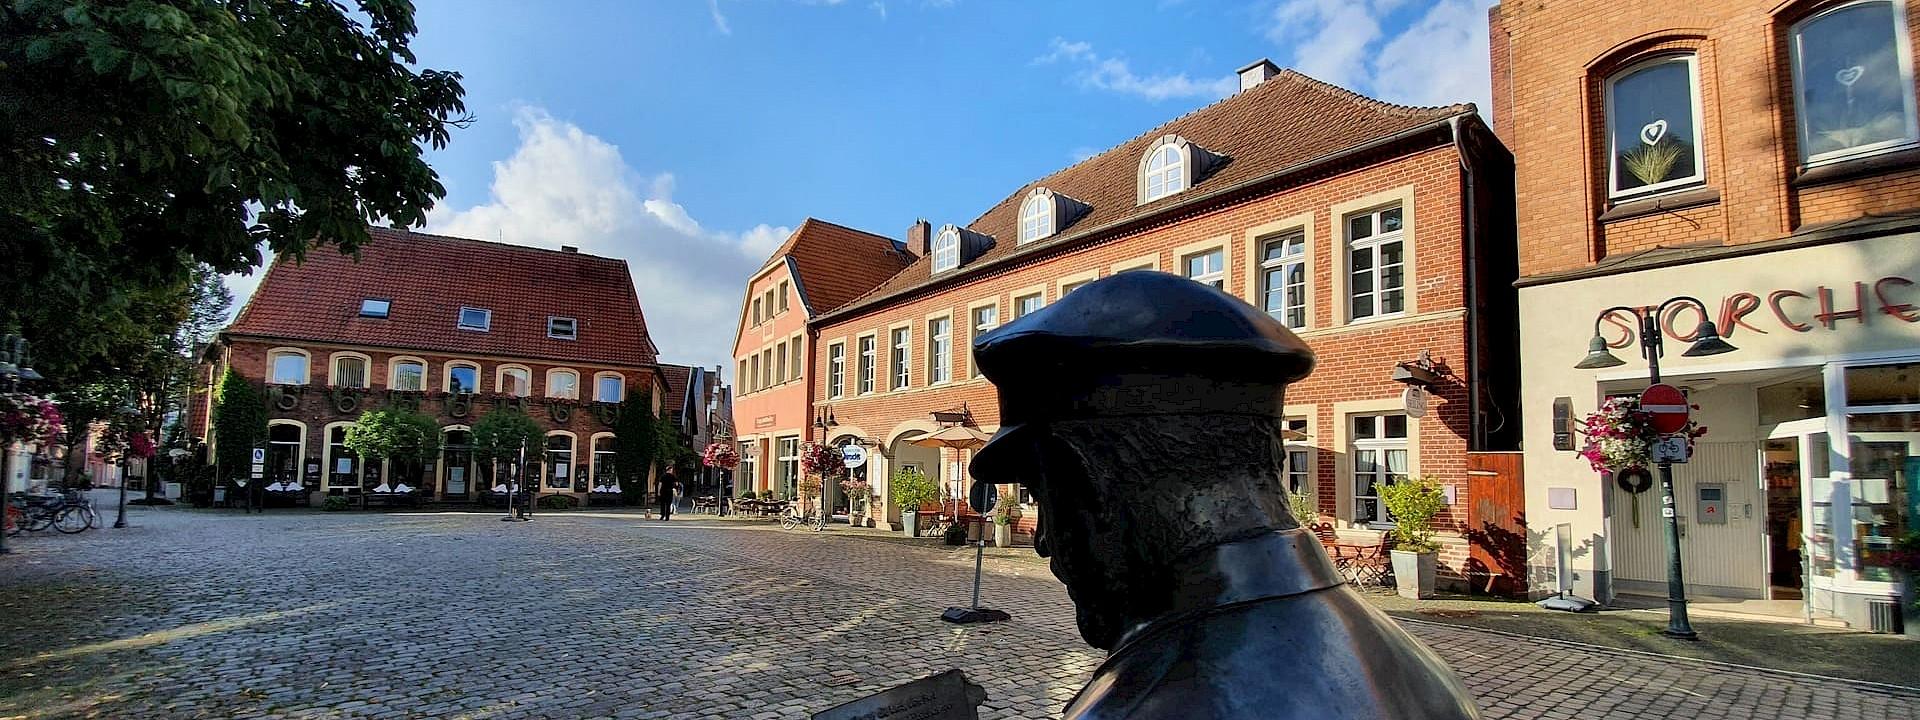 Die großartige Kleinstadt im Münsterland Telgte